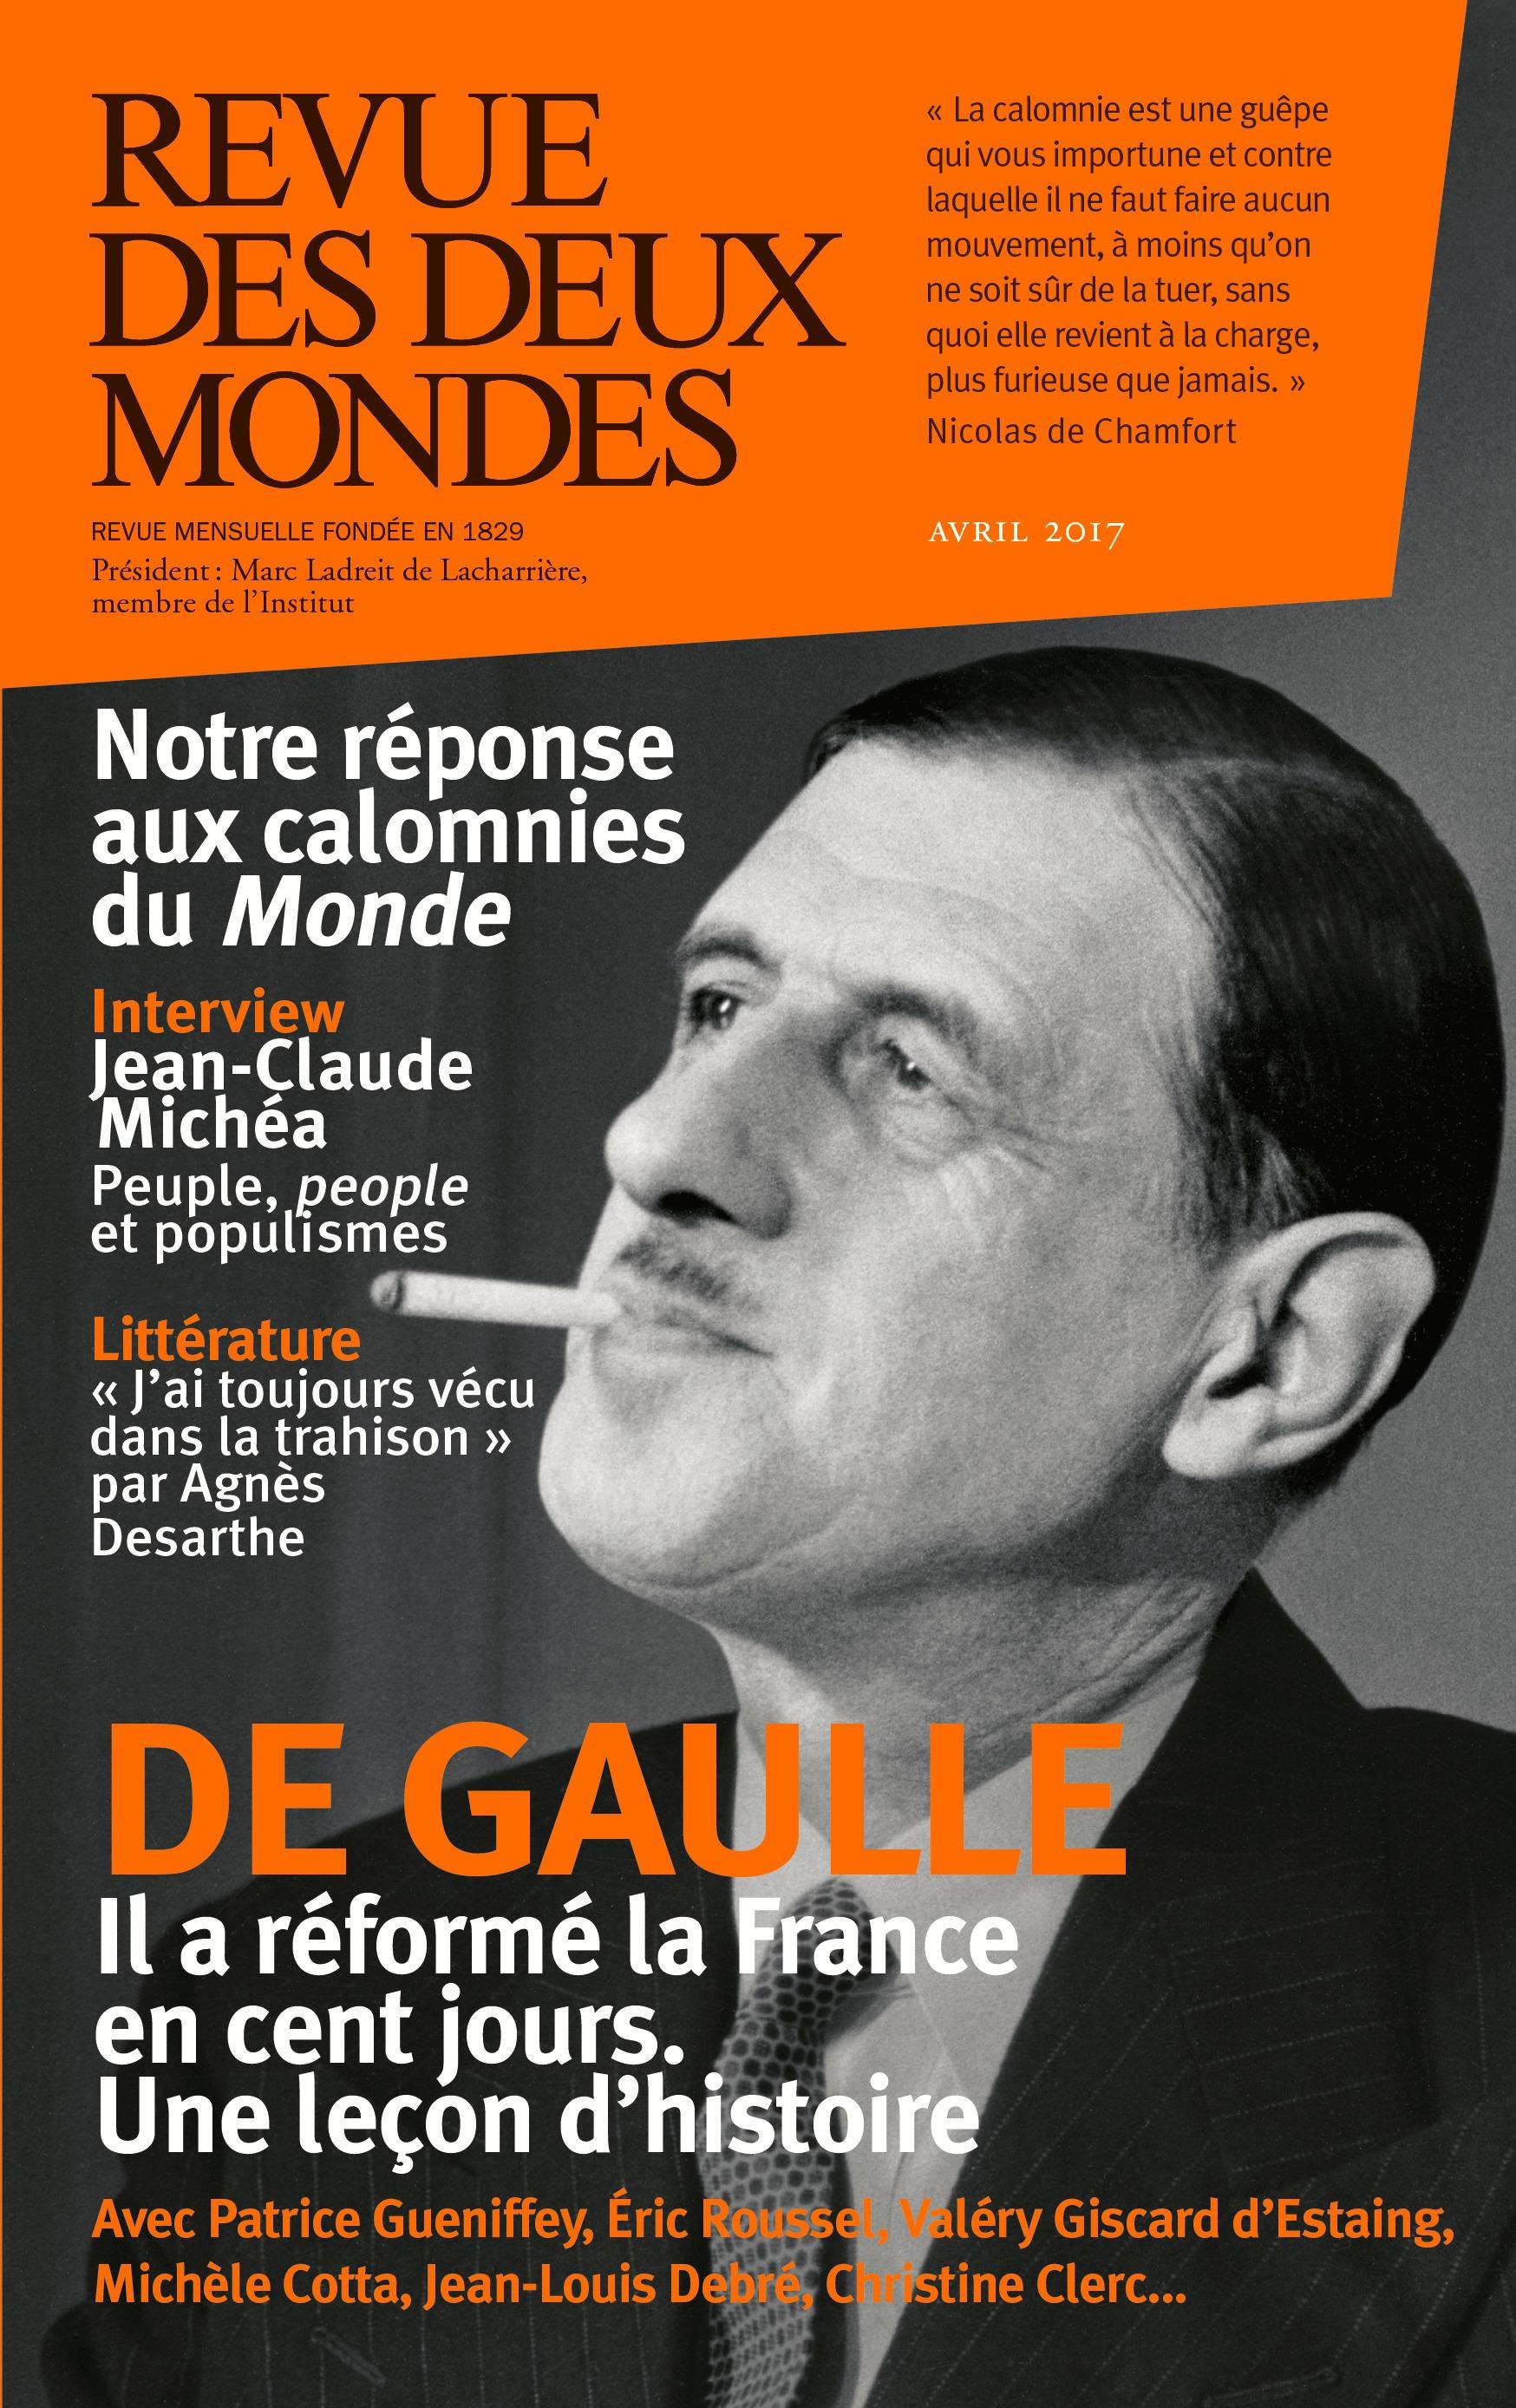 REVUE DES DEUX MONDES ; 1958, les cent jours de De Gaulle (édition 2017)